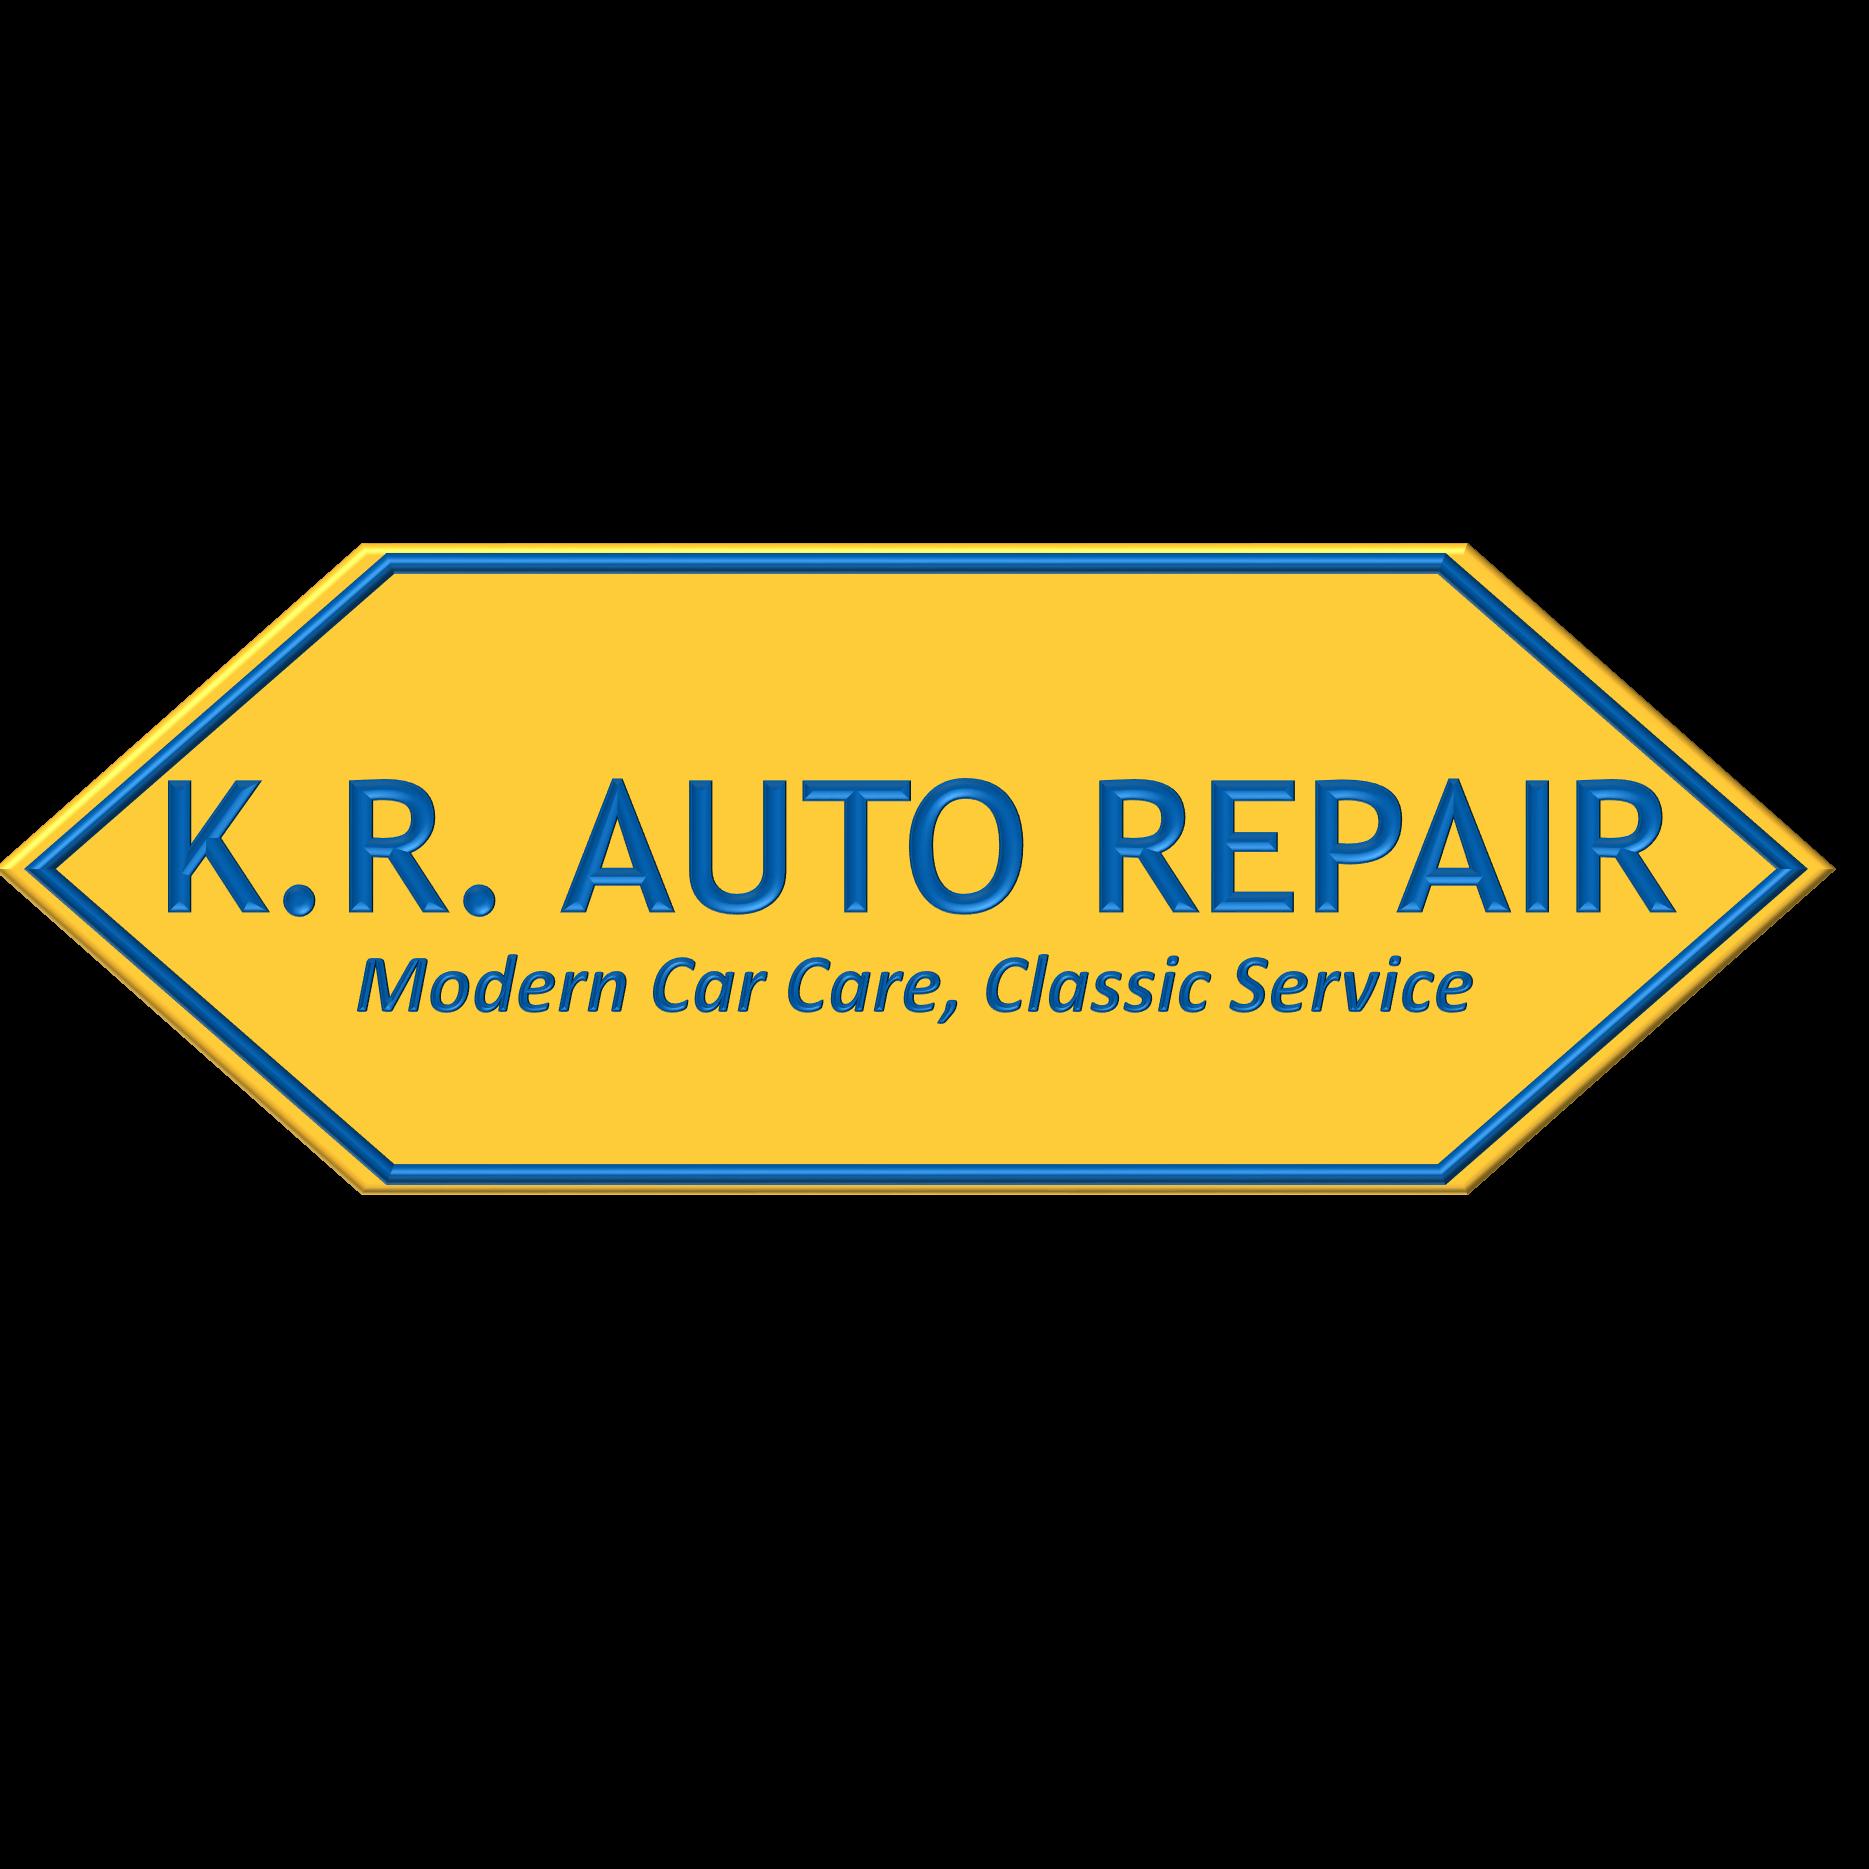 K.R. Auto Repair image 0